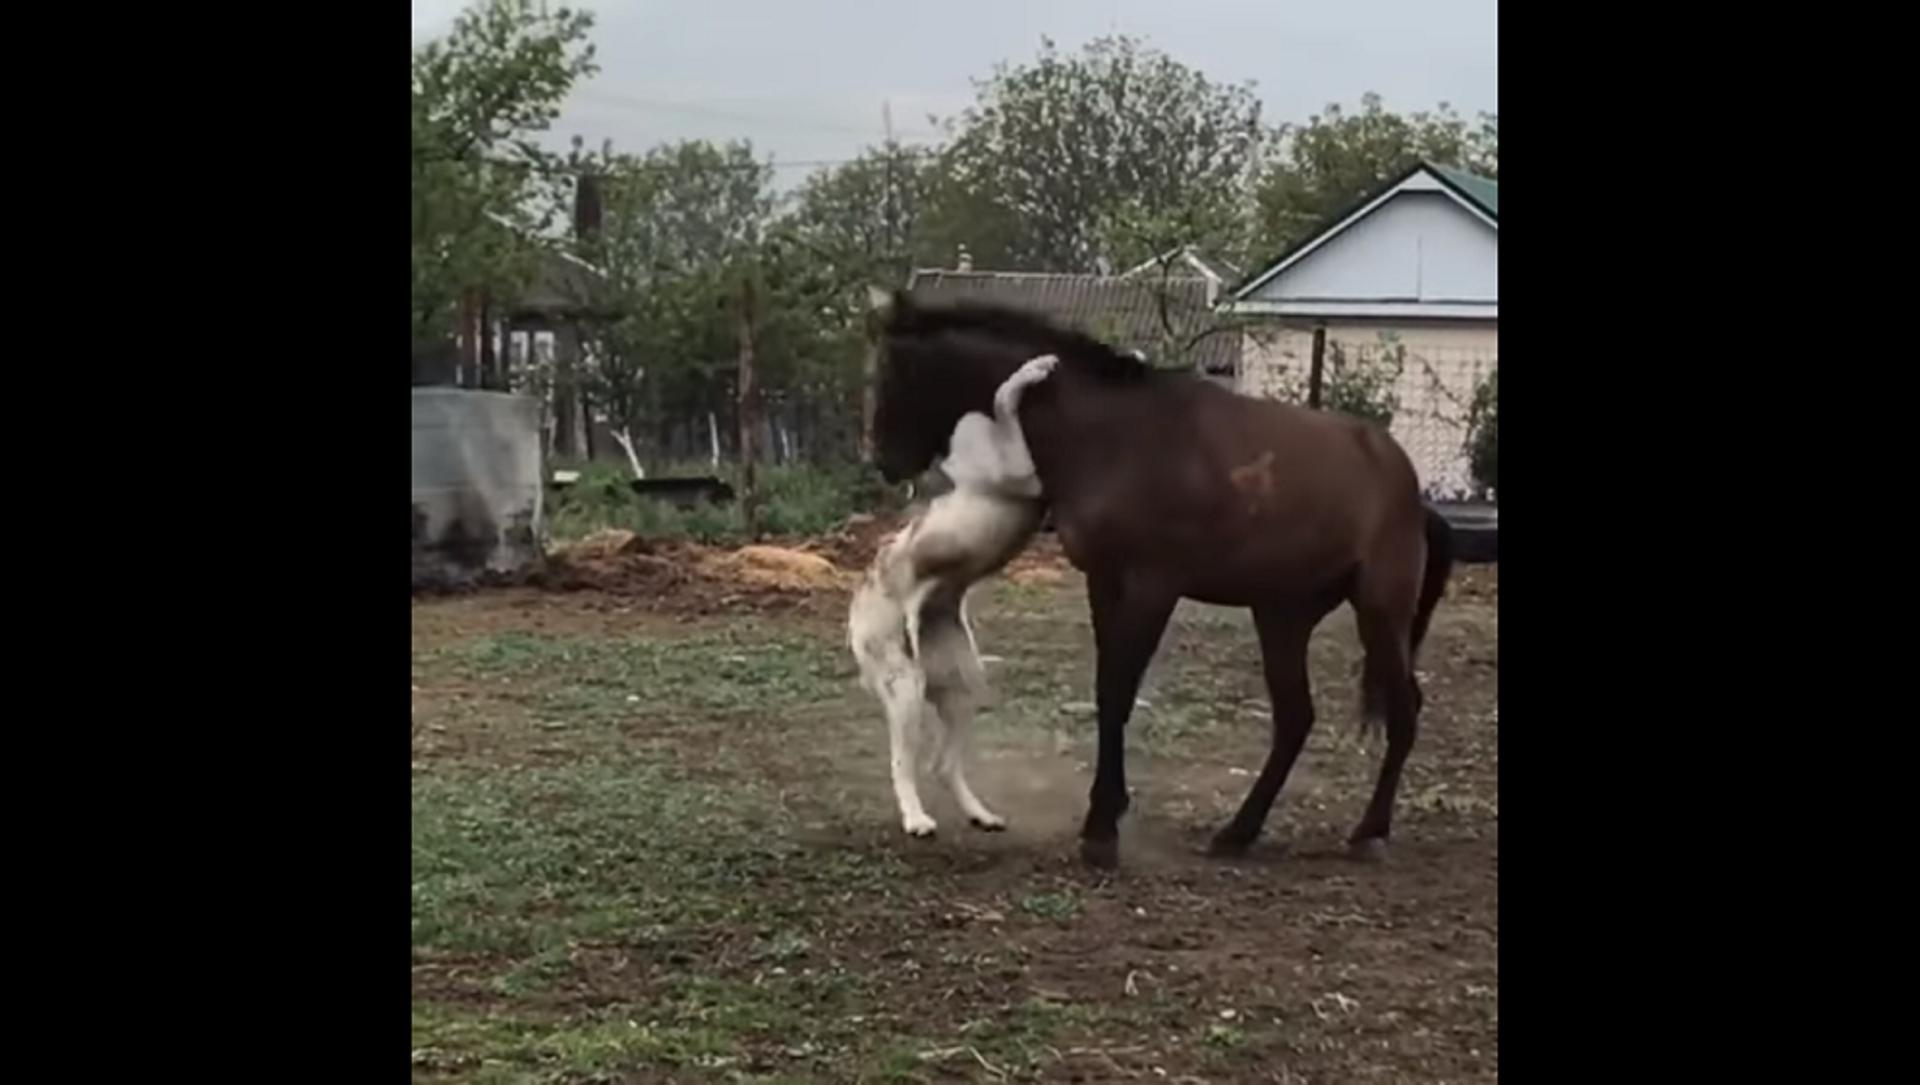 Собака и лошадь показали, что значит настоящая дружба и доверие – позитивное видео - Sputnik Грузия, 1920, 22.06.2021